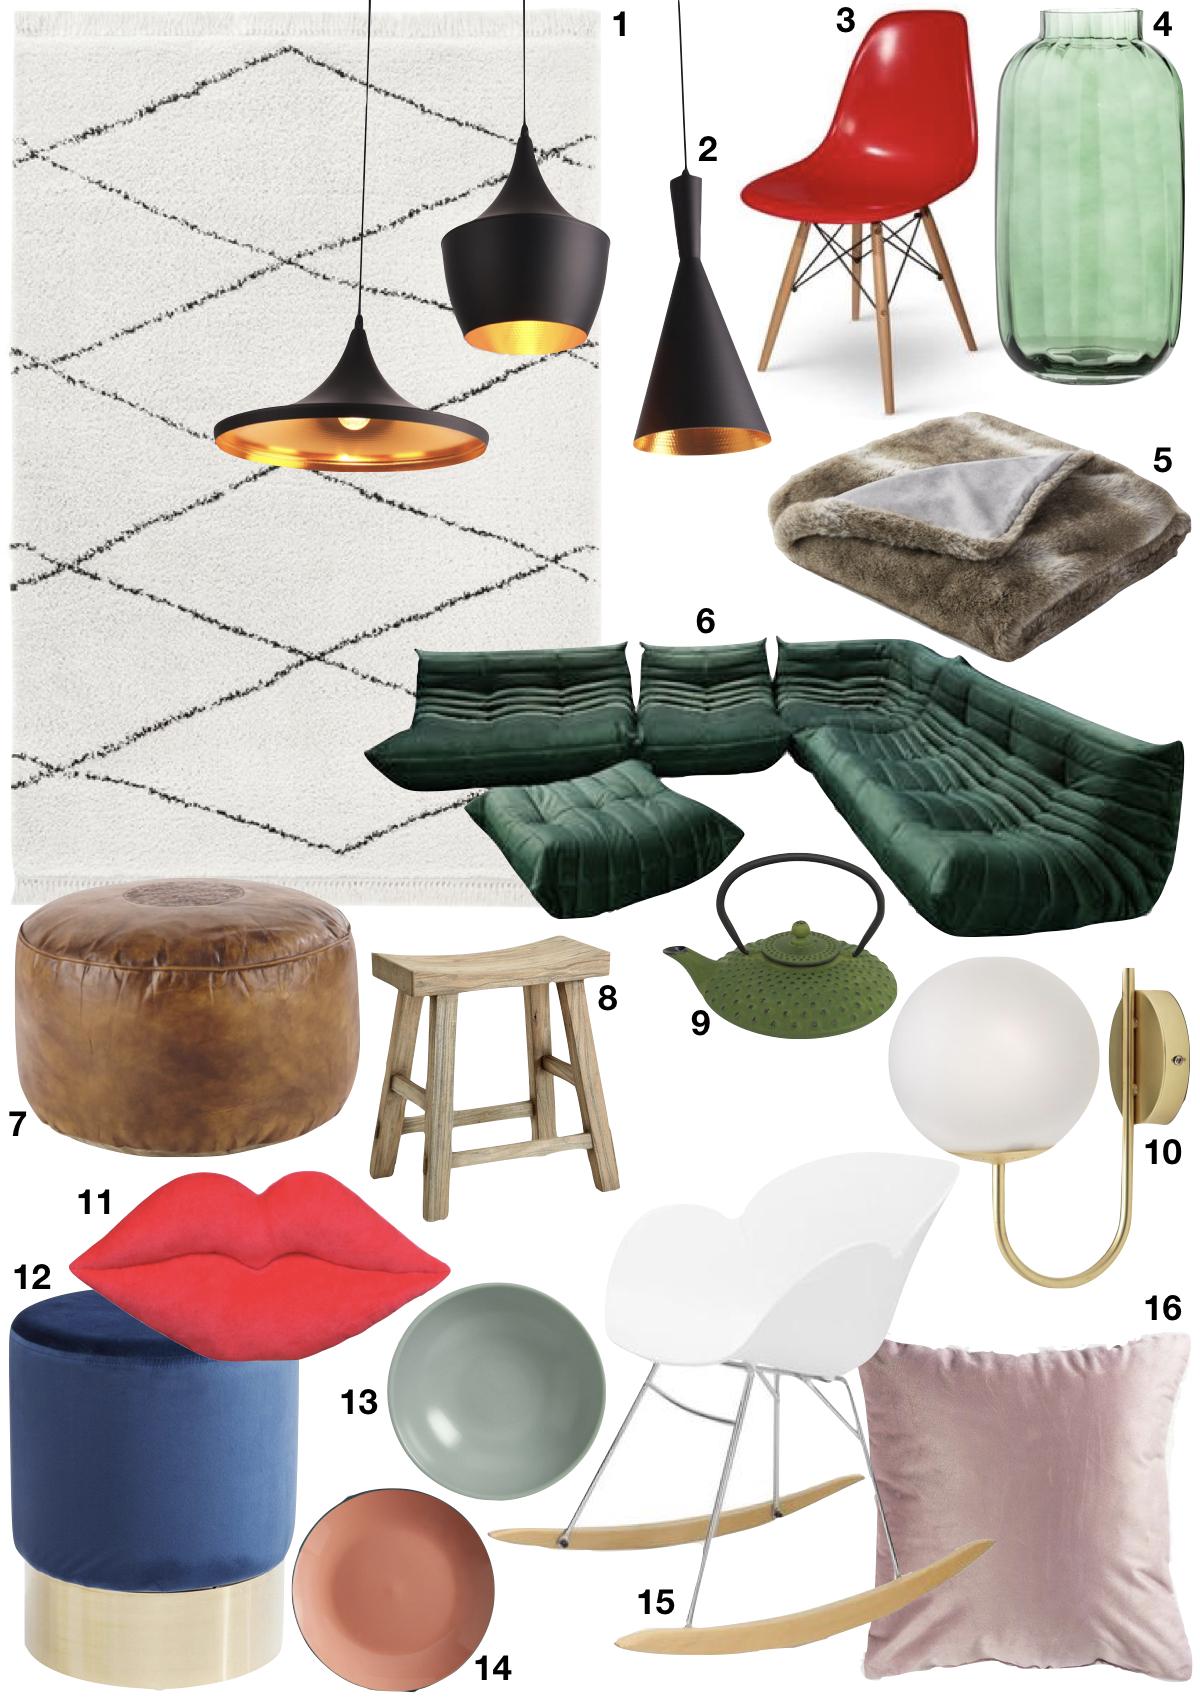 Théo Bert Pot style éclectique décoration design togo velours tom dixon - Blog Déco - Clem around the corner